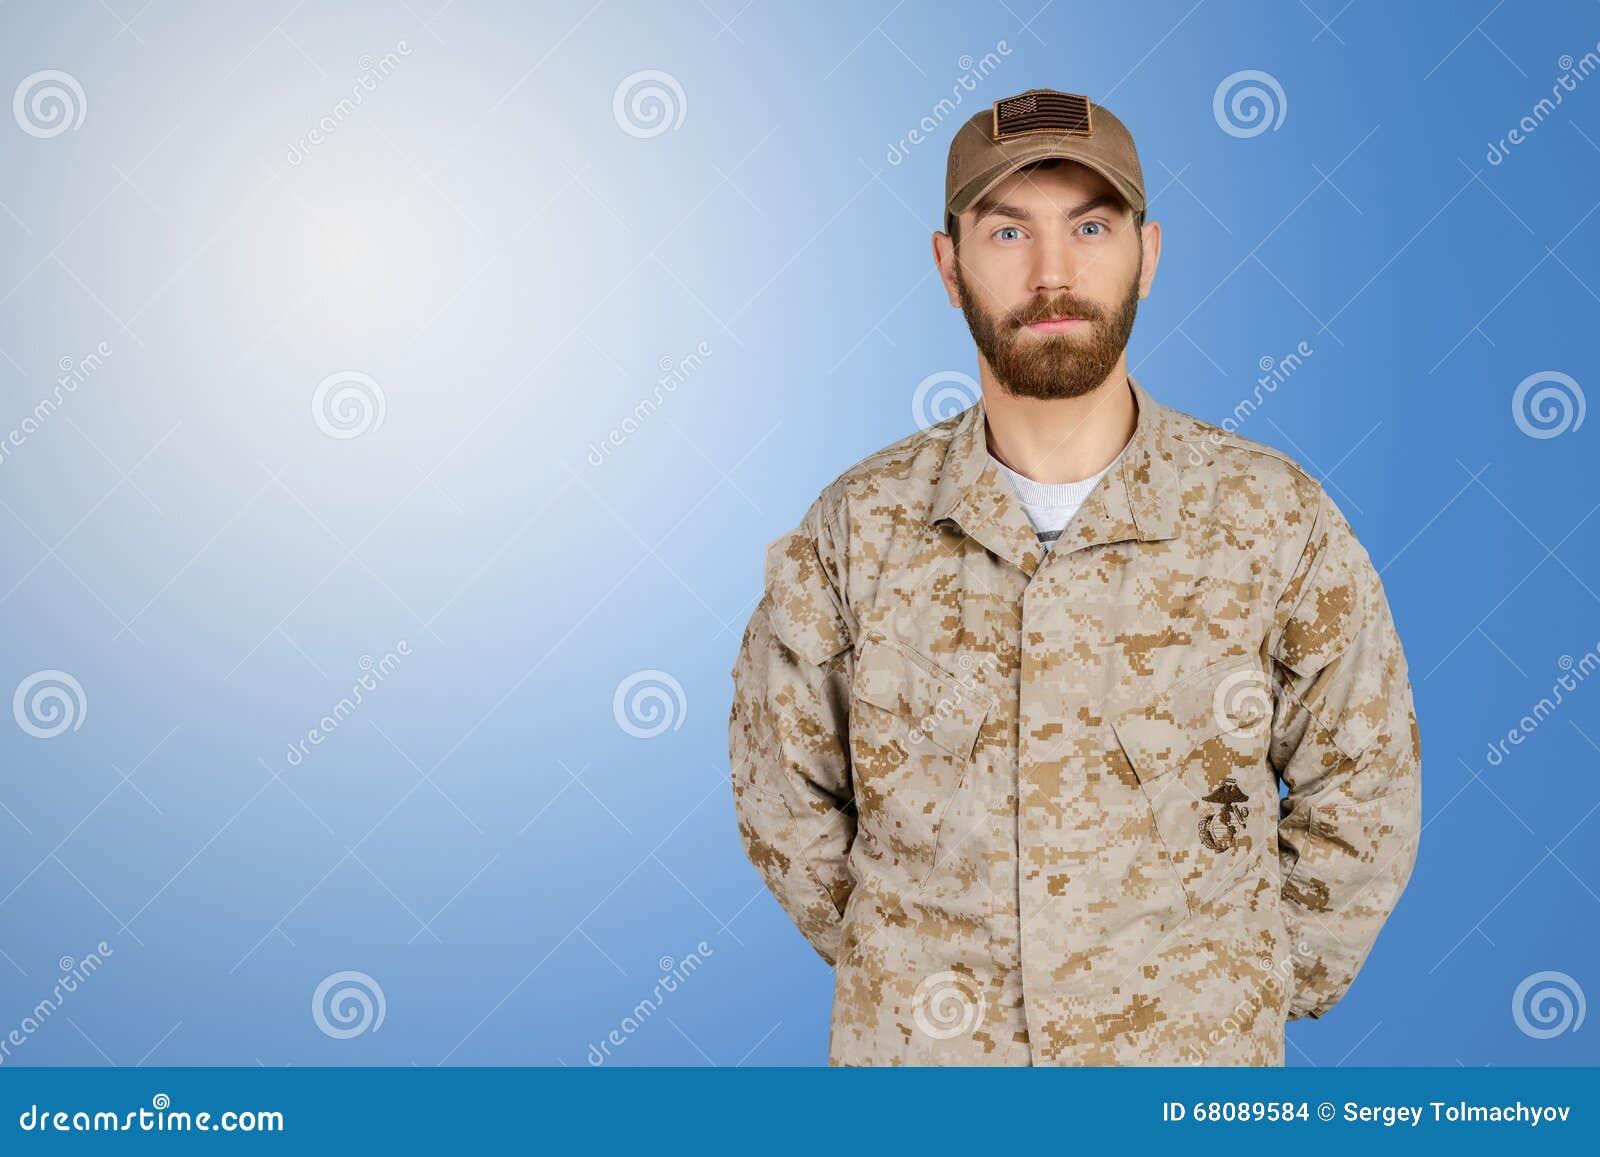 Στρατιωτικός αμερικάνικου στρατού